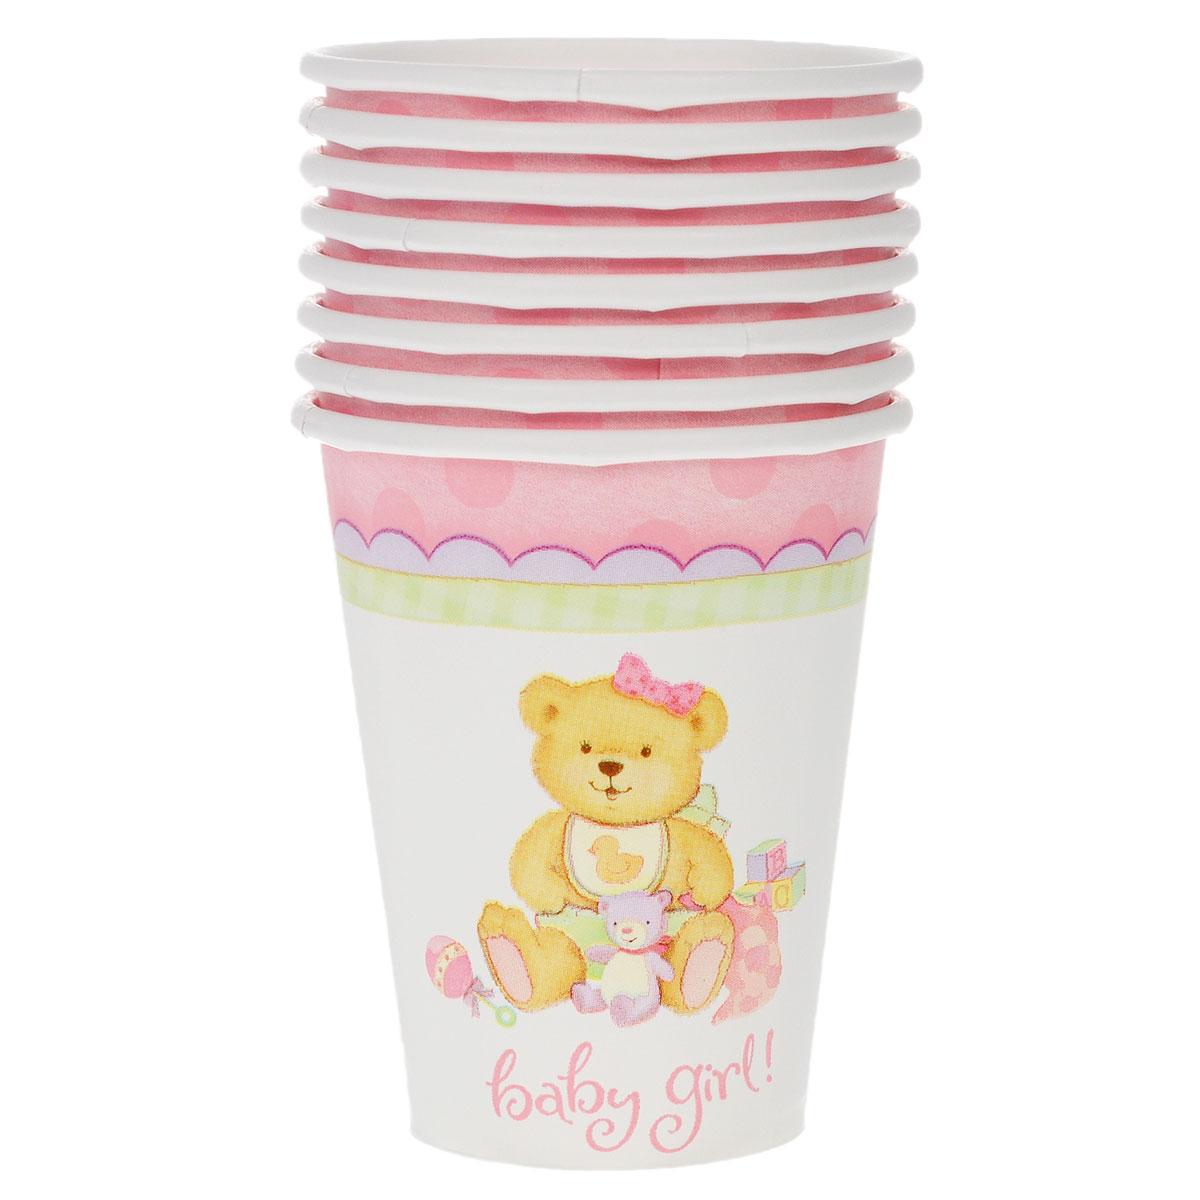 Веселая затея Стакан Медвежонок девочка, 8 шт1502-1067Стакан Веселая затея Медвежонок девочка изготовлен из качественной пищевой бумаги. Оформлен изображением милого медвежонка-девочки в окружении игрушек. Изделие станет великолепным дополнение к детскому торжеству. Такая посуда является экологически чистой, не наносит вреда здоровью и достаточно быстро самостоятельно утилизируется, не загрязняя окружающую среду. В комплекте 8 стаканов.